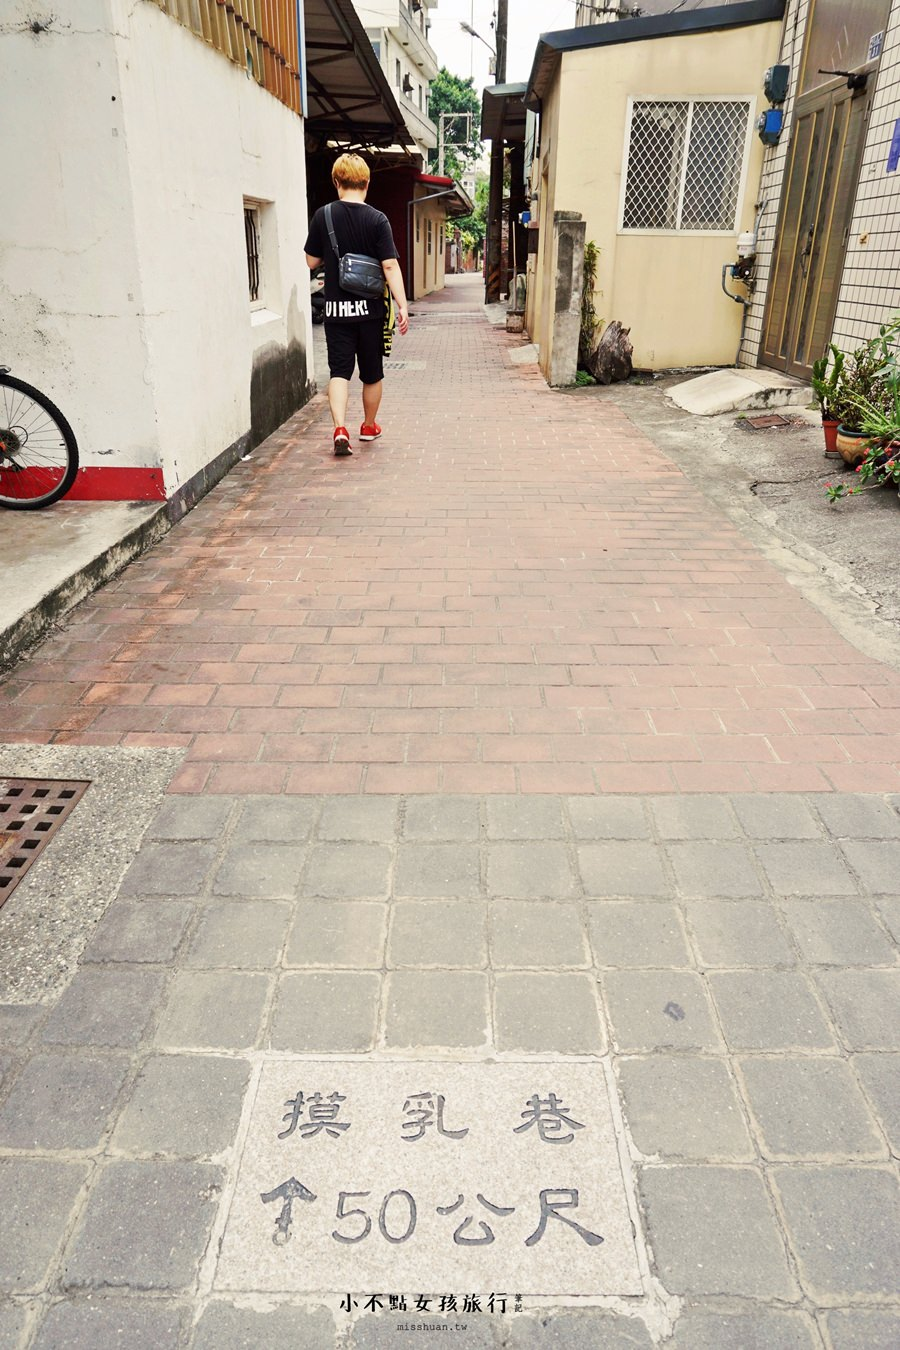 鹿港老街 摸乳巷